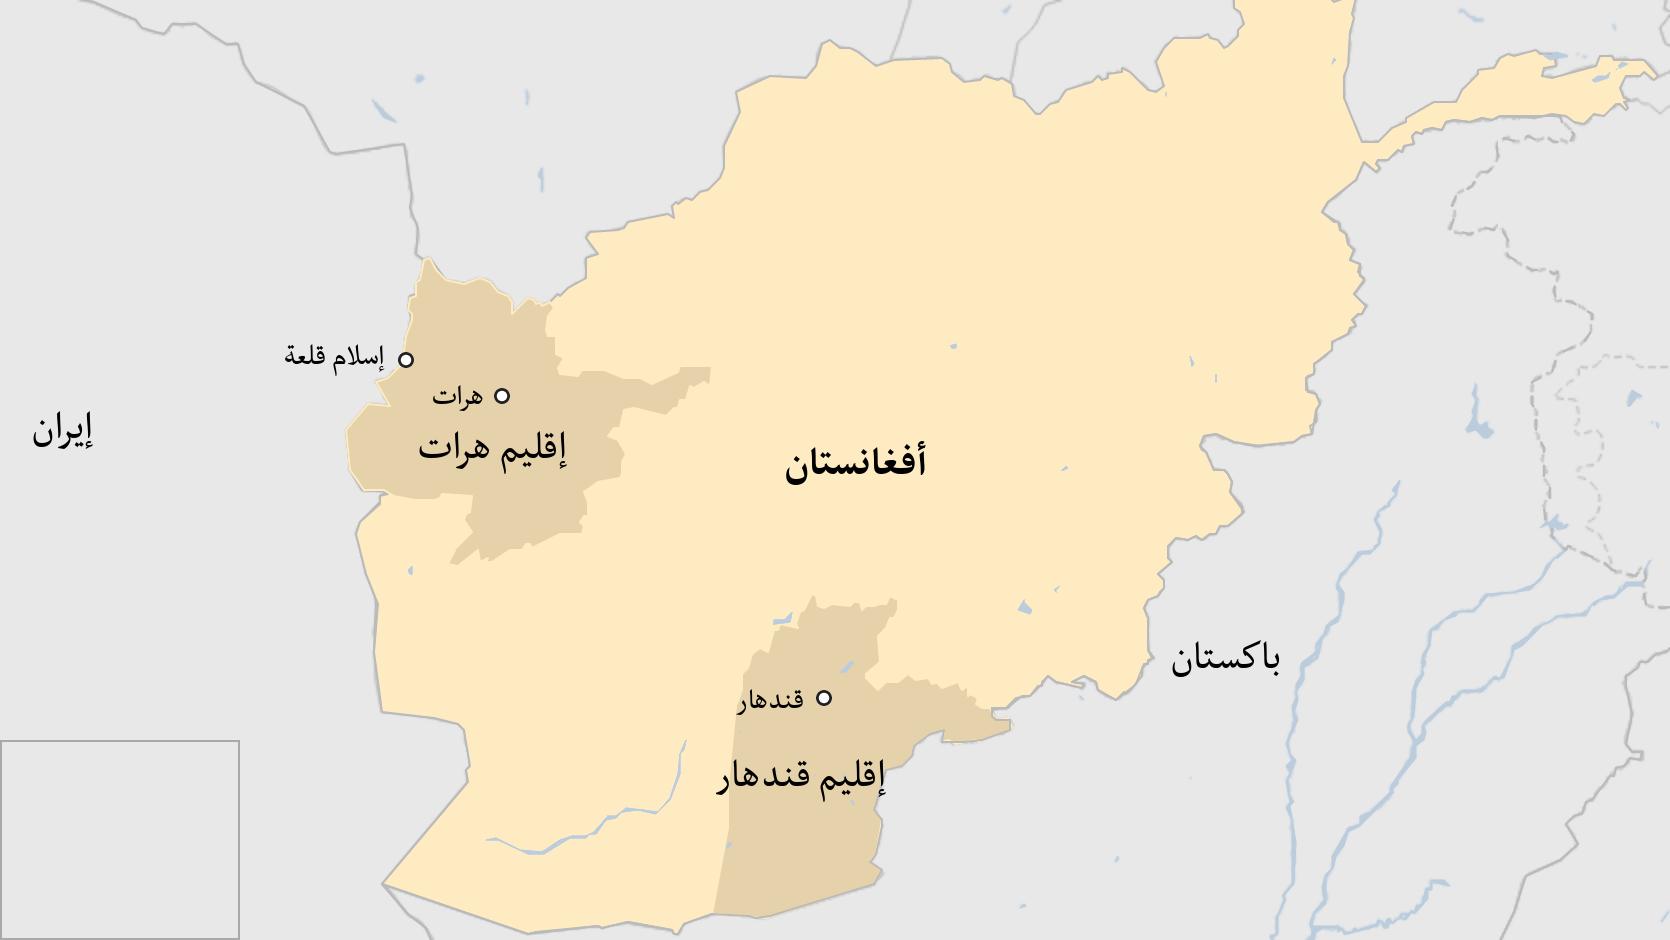 أفغانستان وحدودها مع إيران